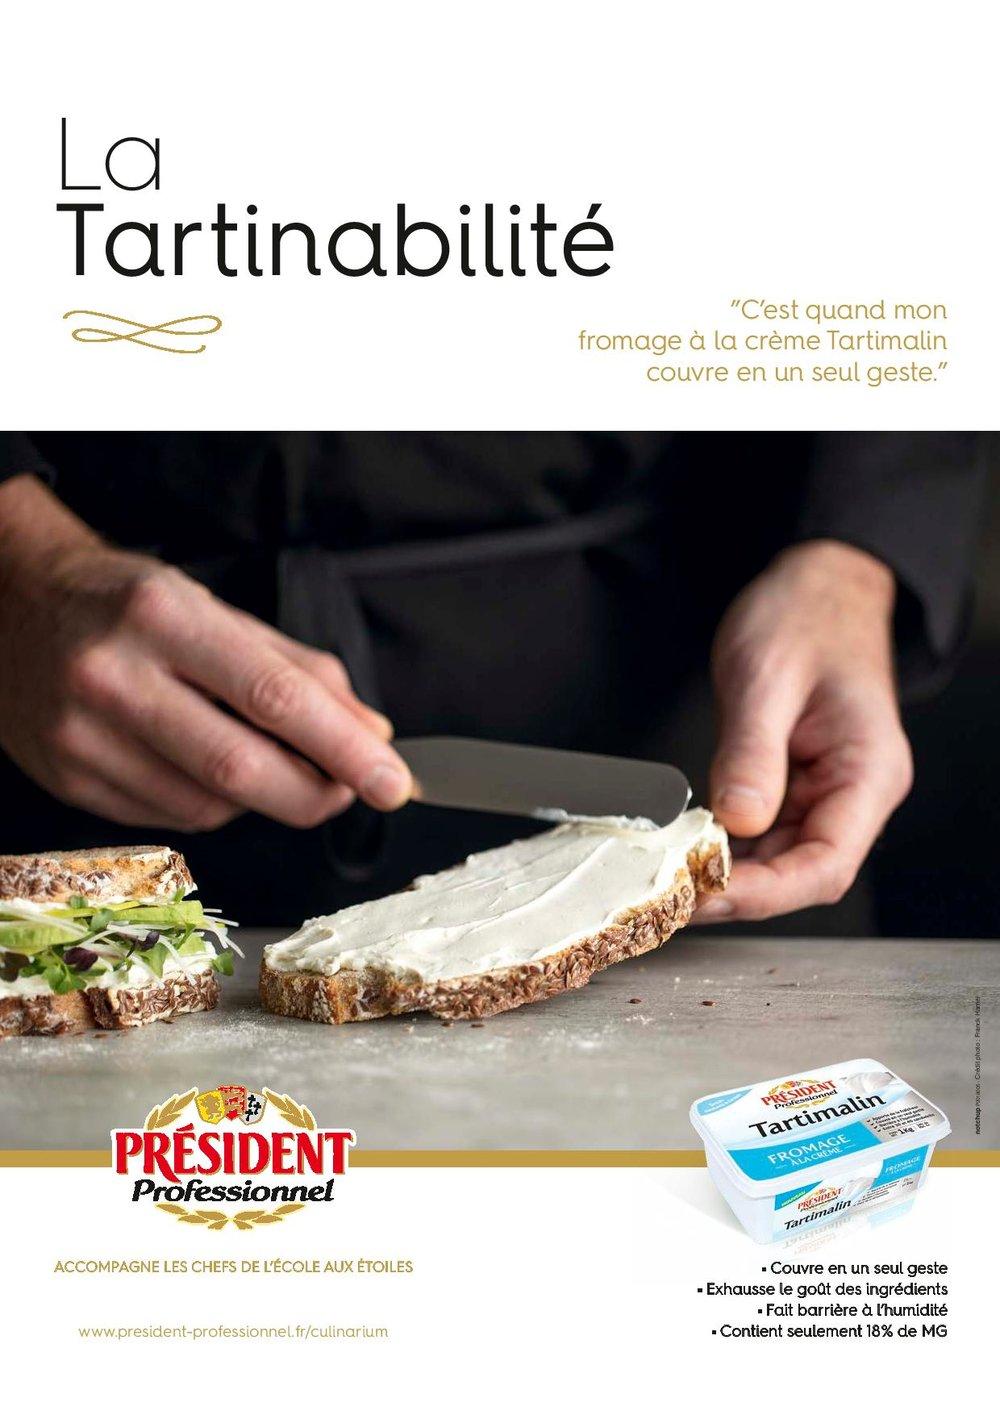 Valerie-Paumelle-Agent-photographe-culinaire-franck-hamel (2).jpg